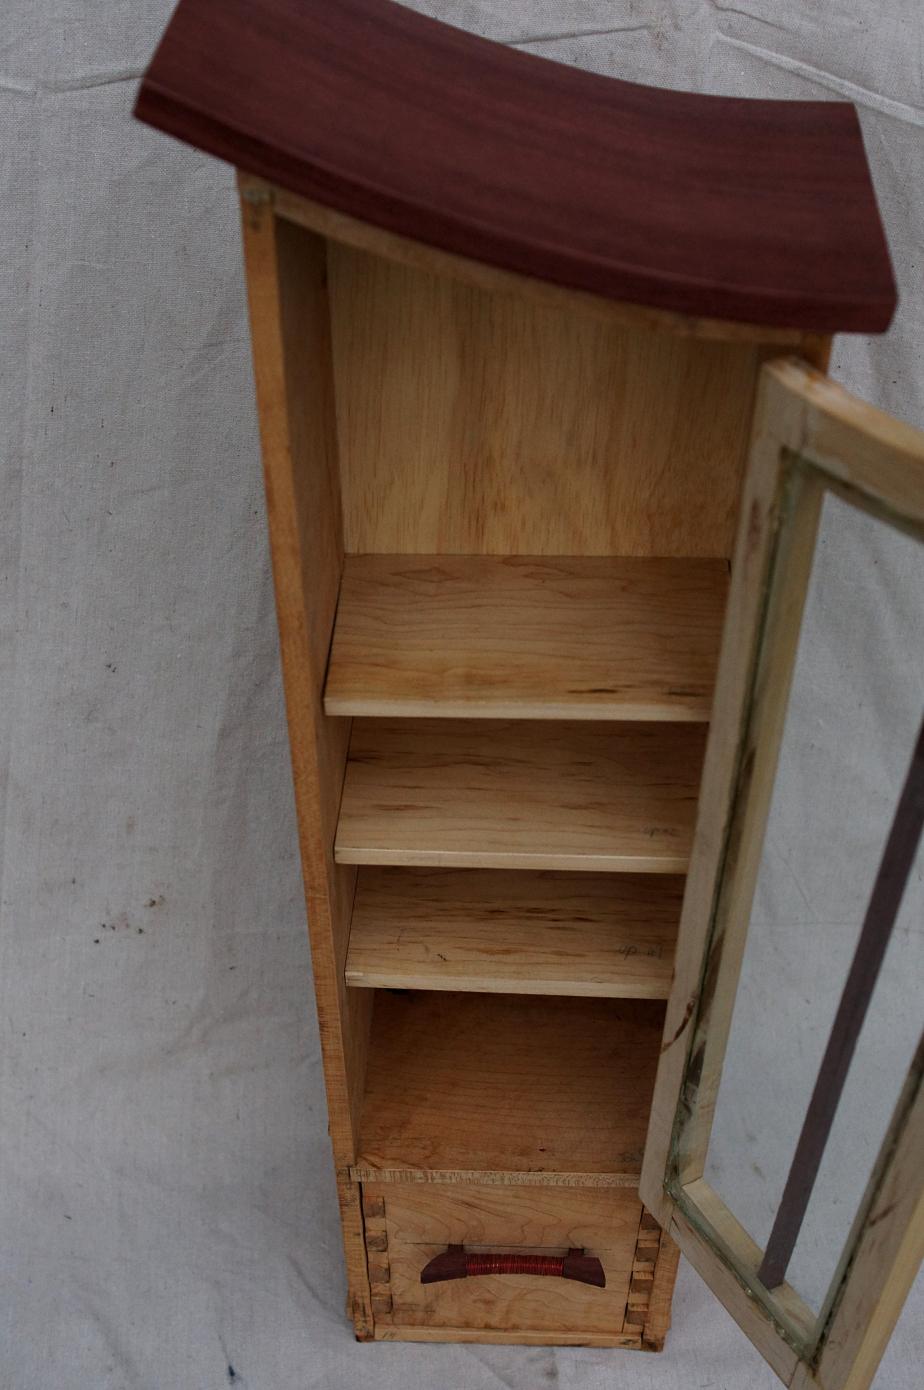 Bent Wood Cabinet | tonyfrentrop.com